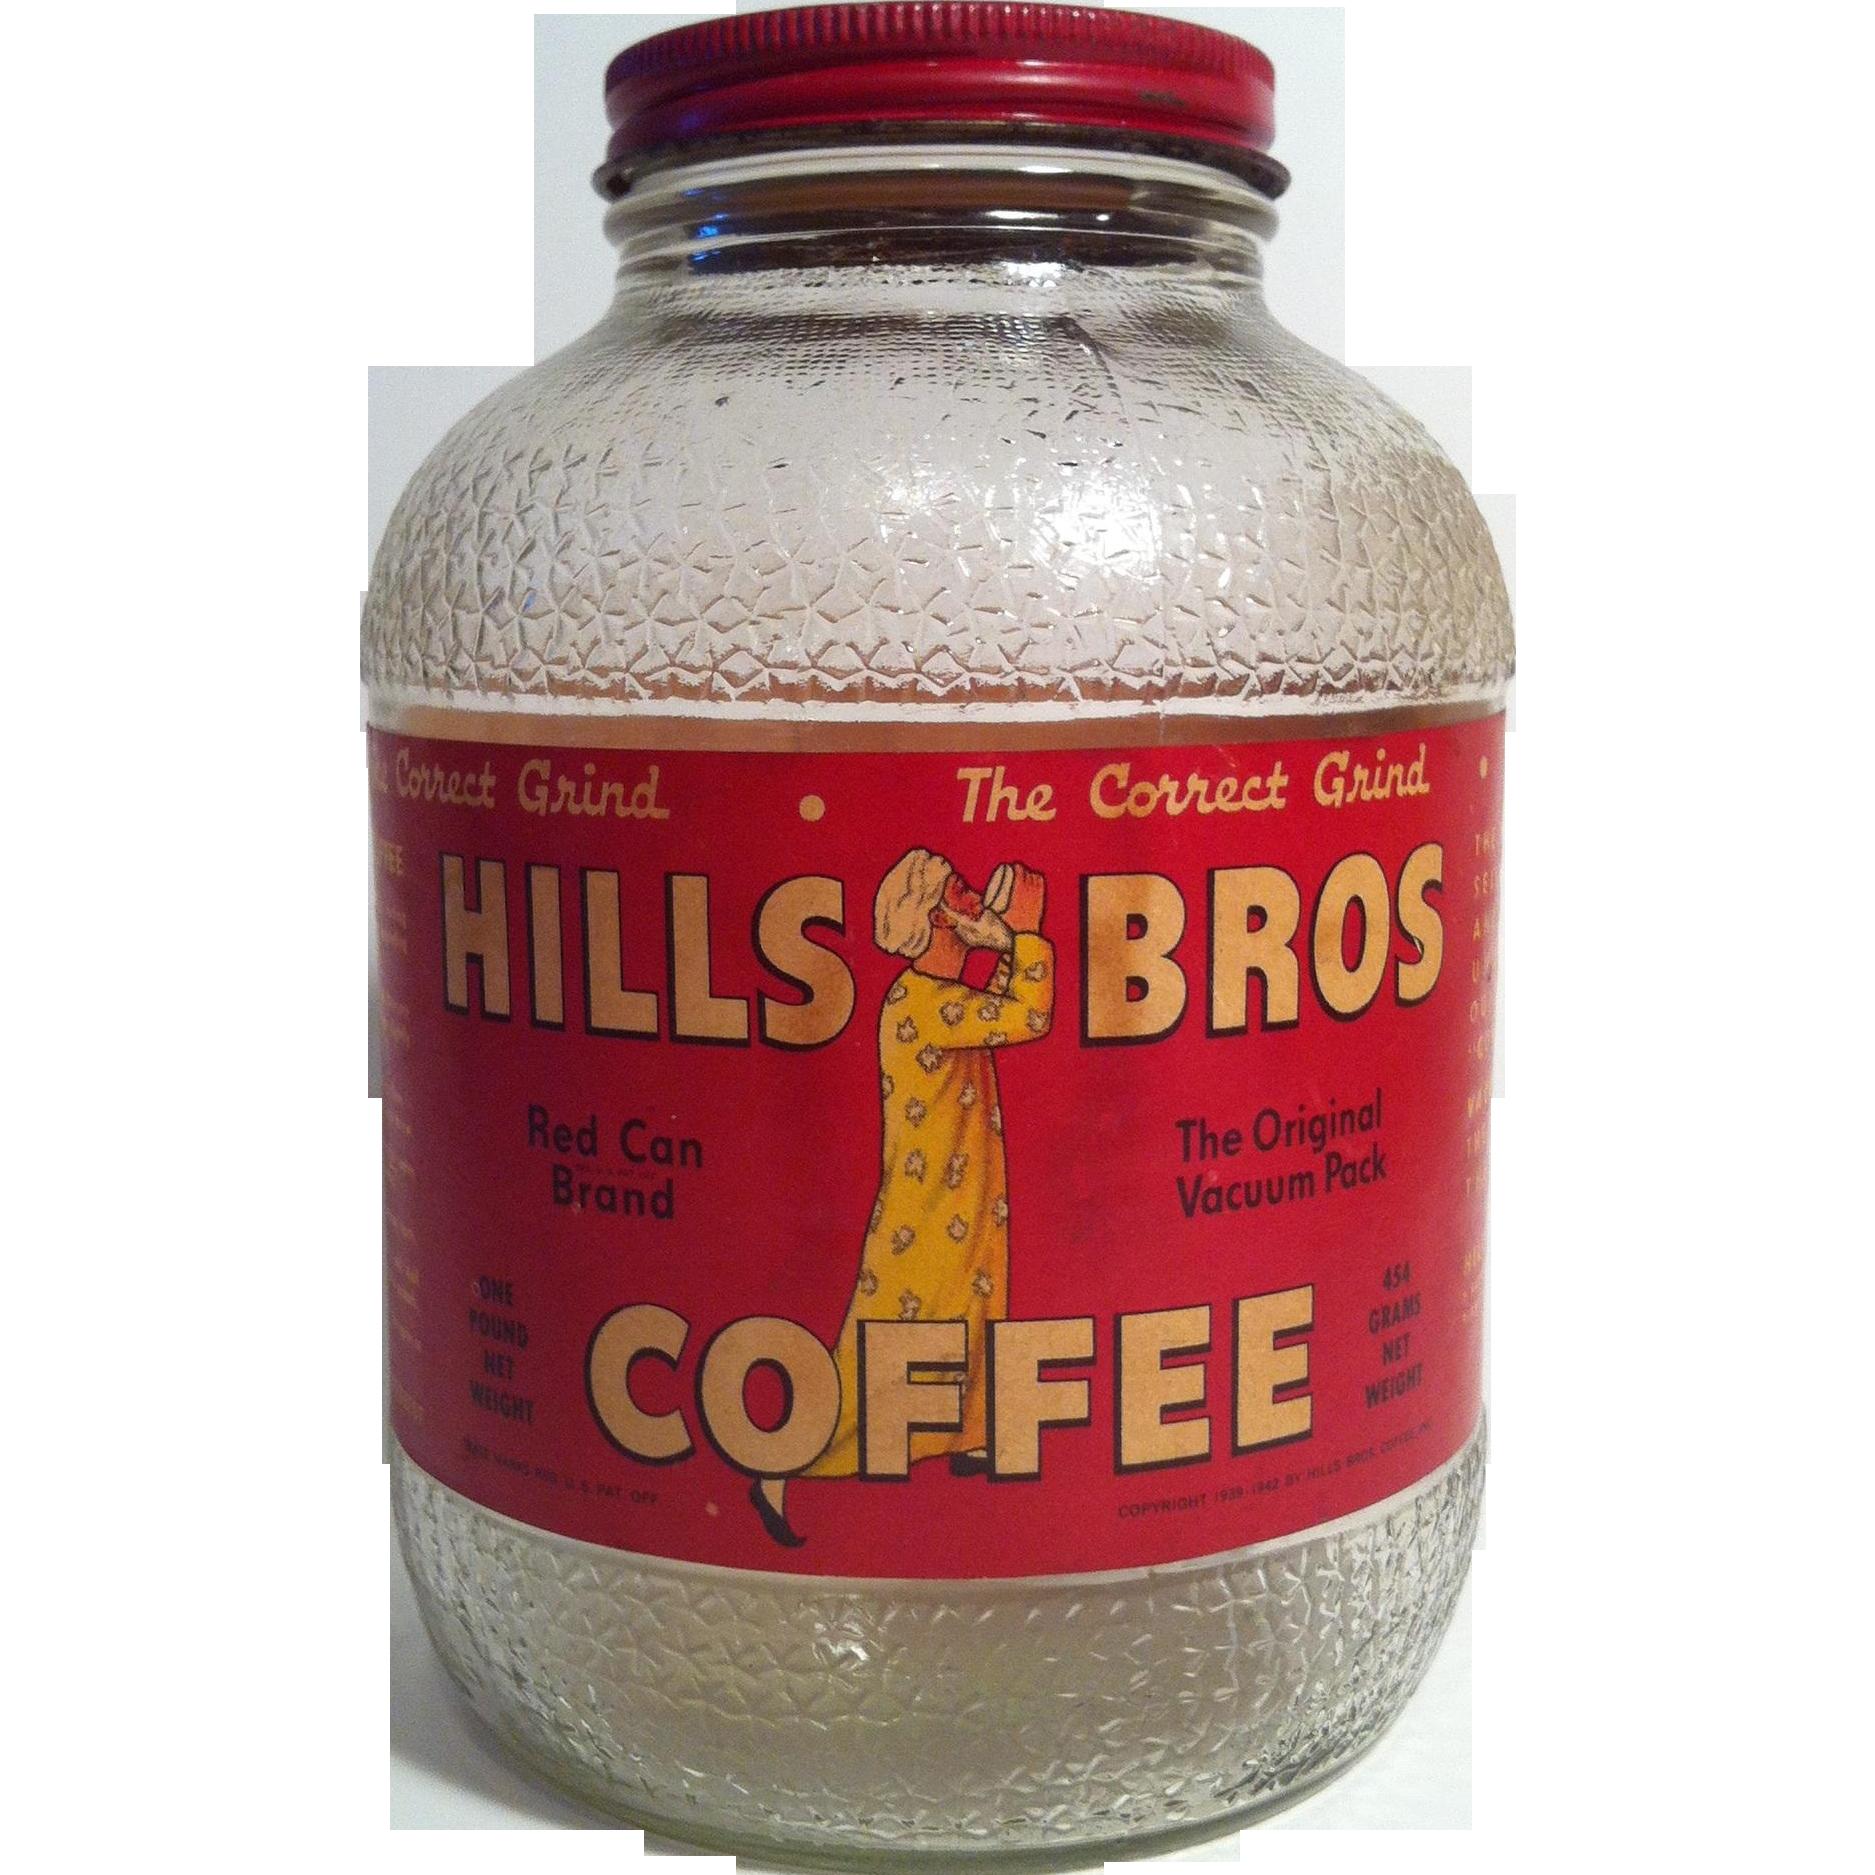 Hills Brothers Coffee Jar - 1 Lb